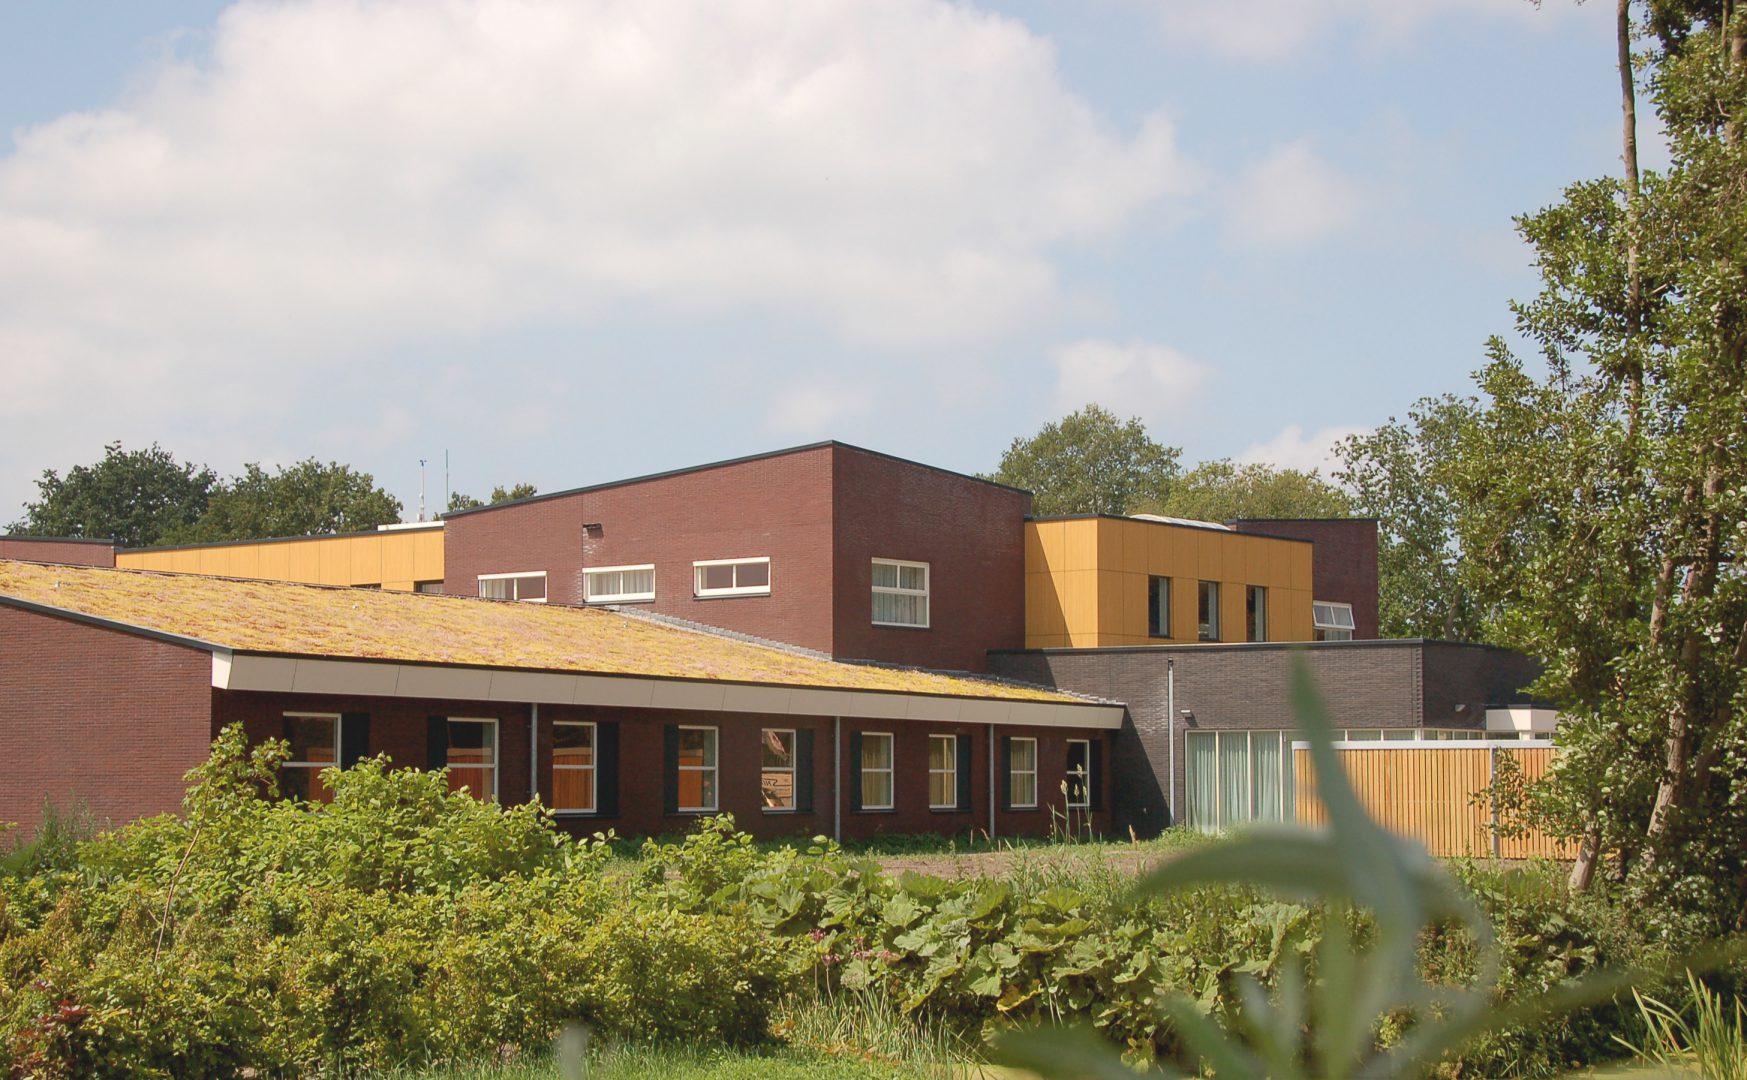 impressie - Zijlstra Schipper Architecten - Noord-Holland - 02